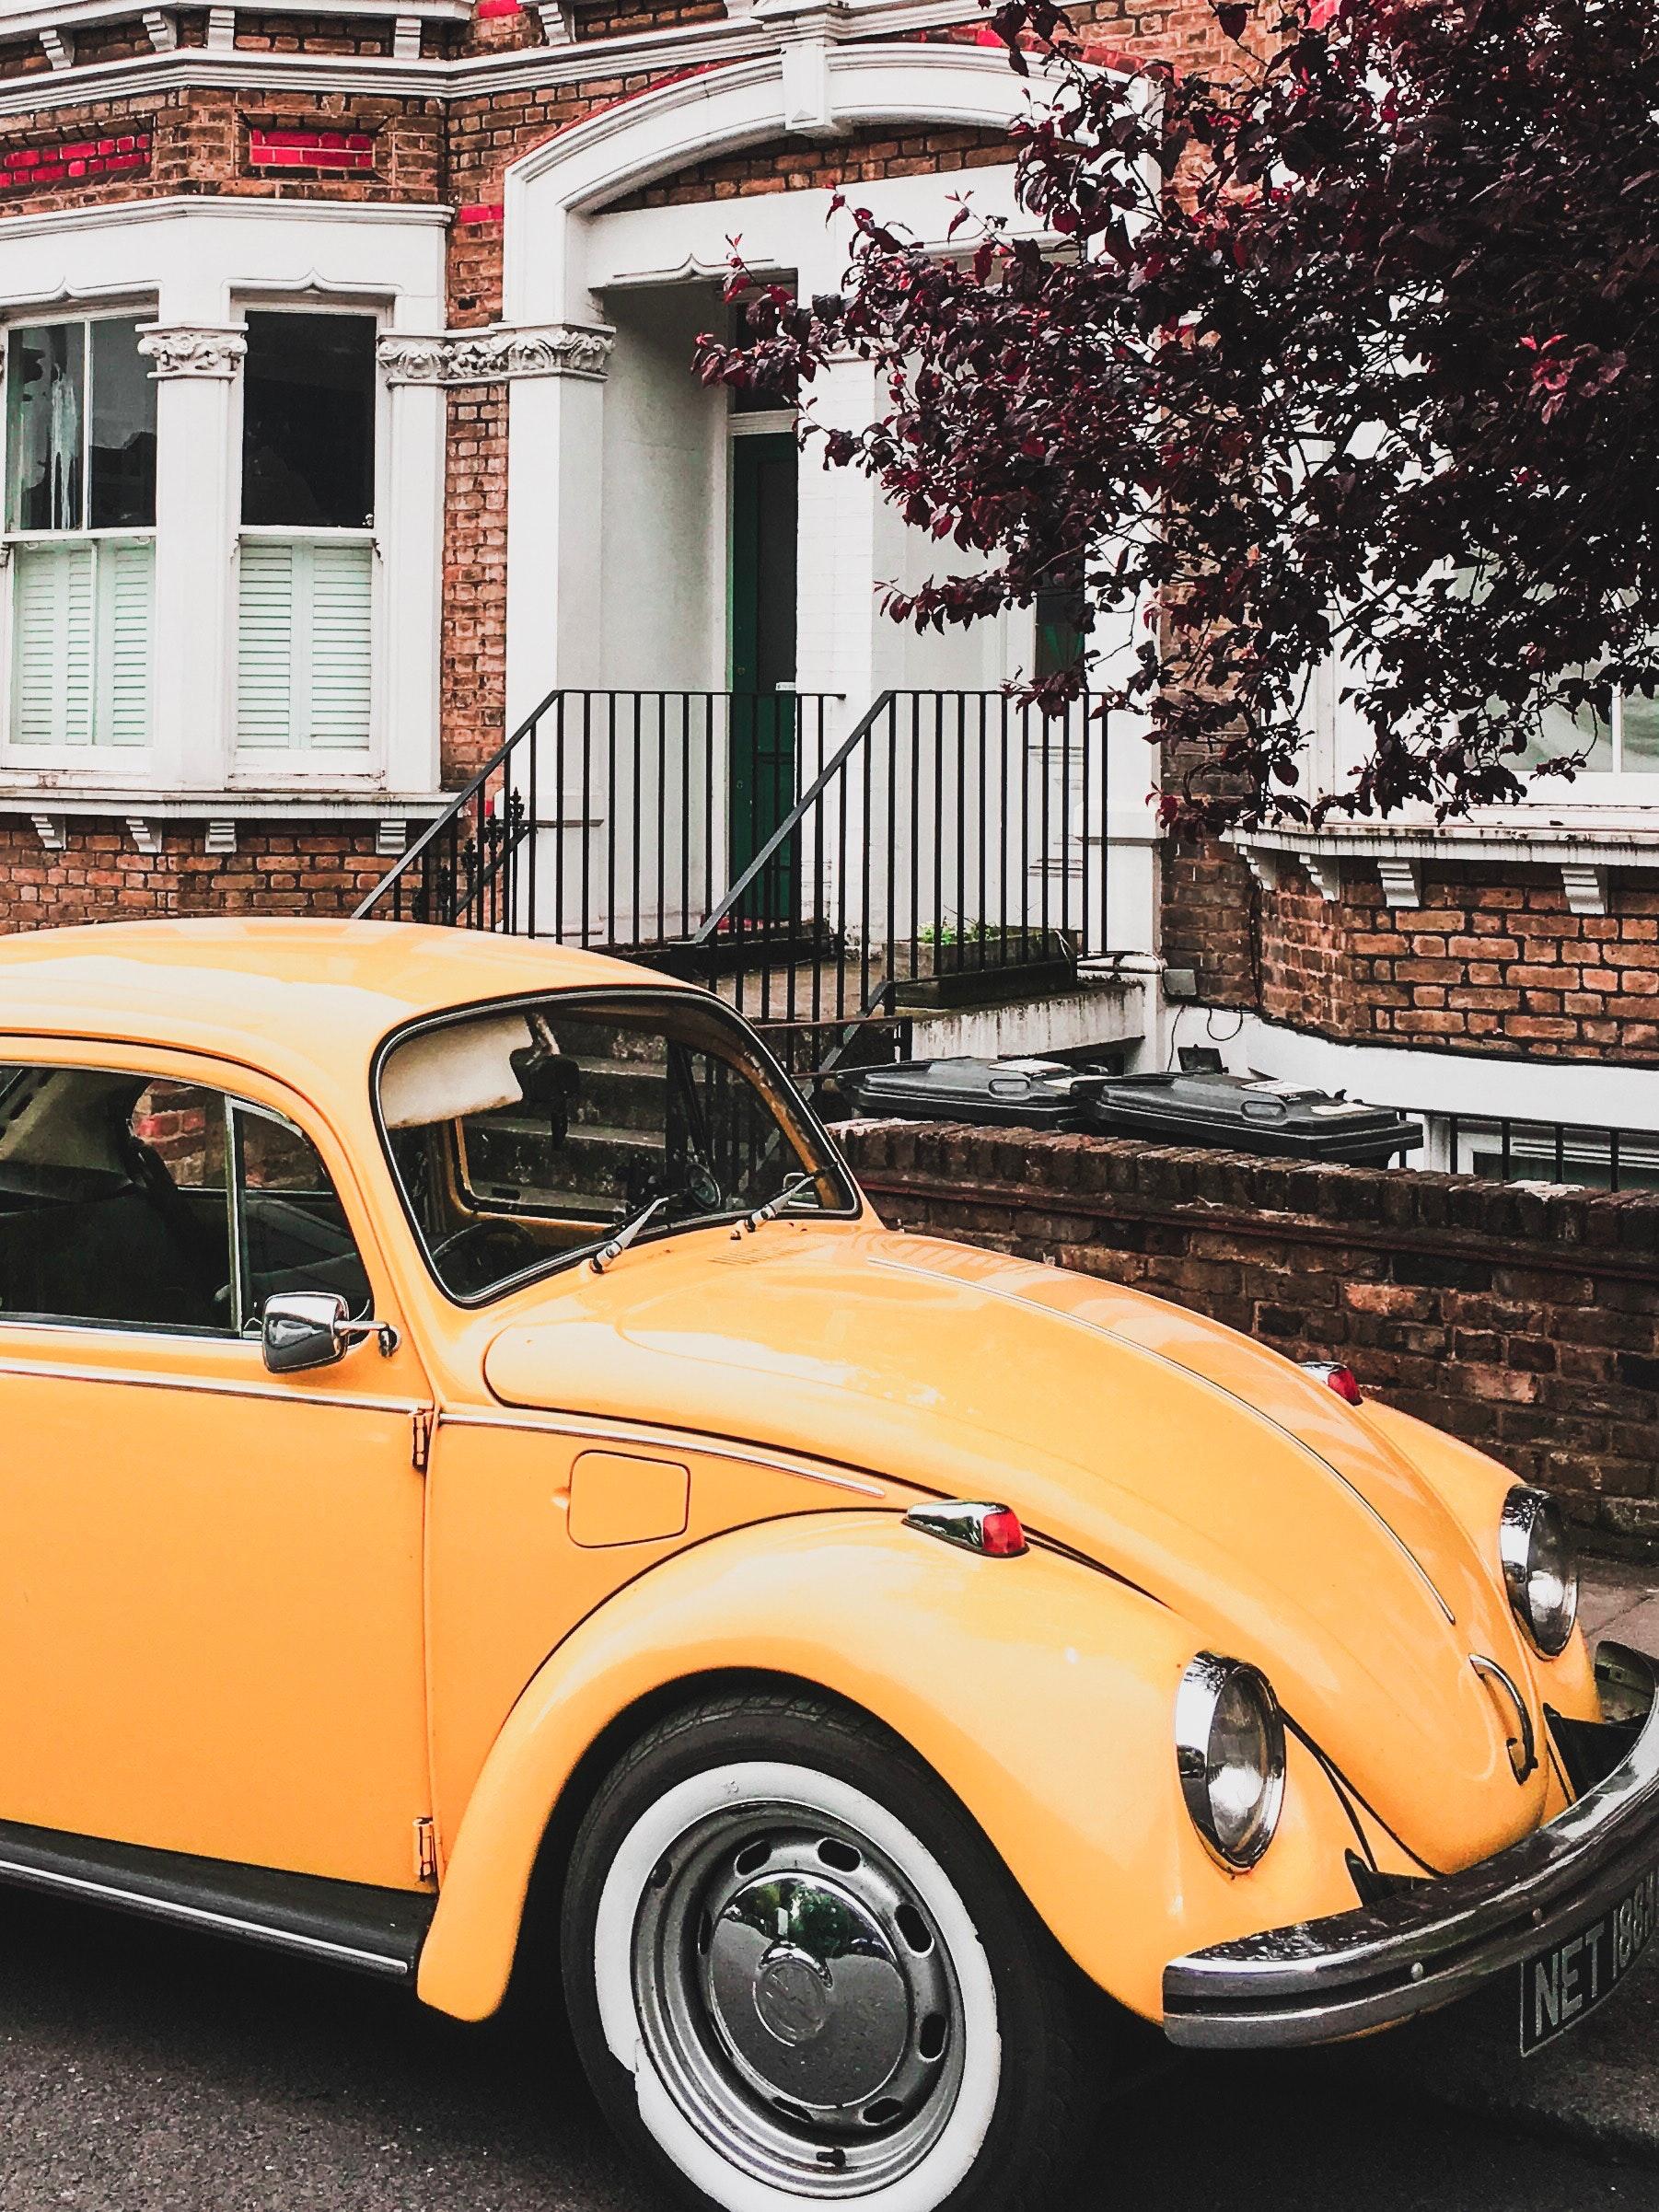 car-classic-car-curb-2320321.jpg